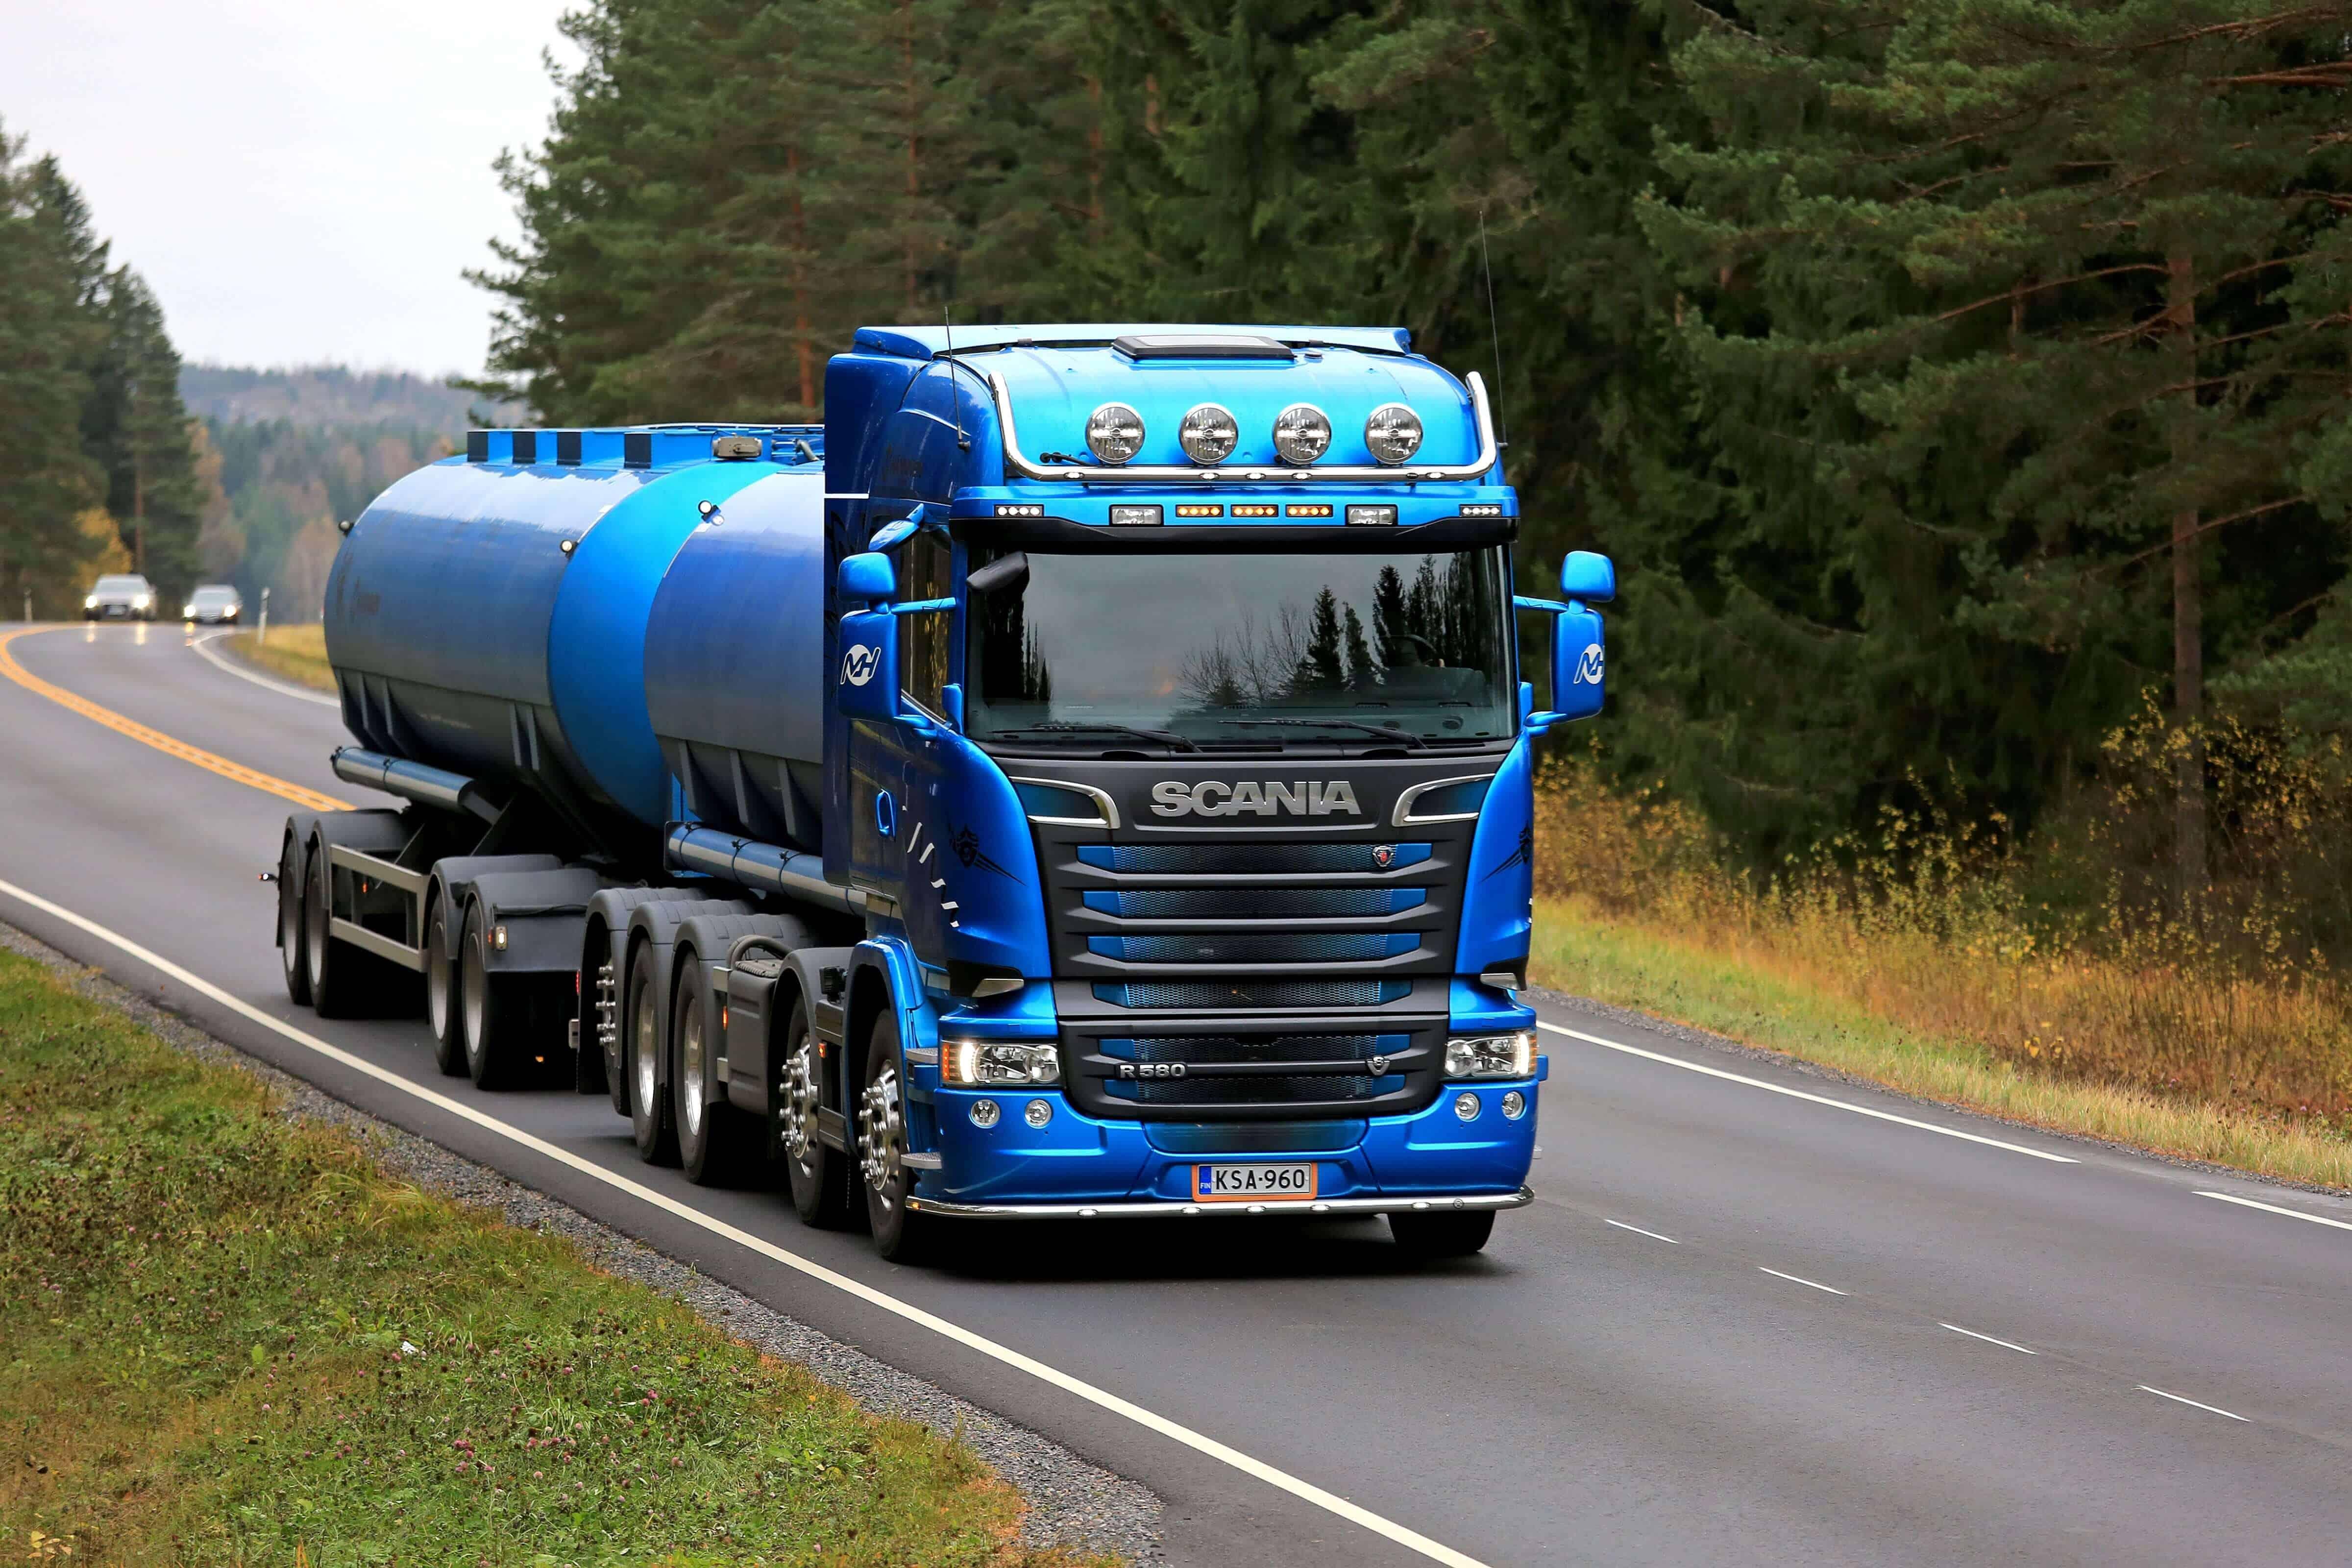 Blue truck hauling materials